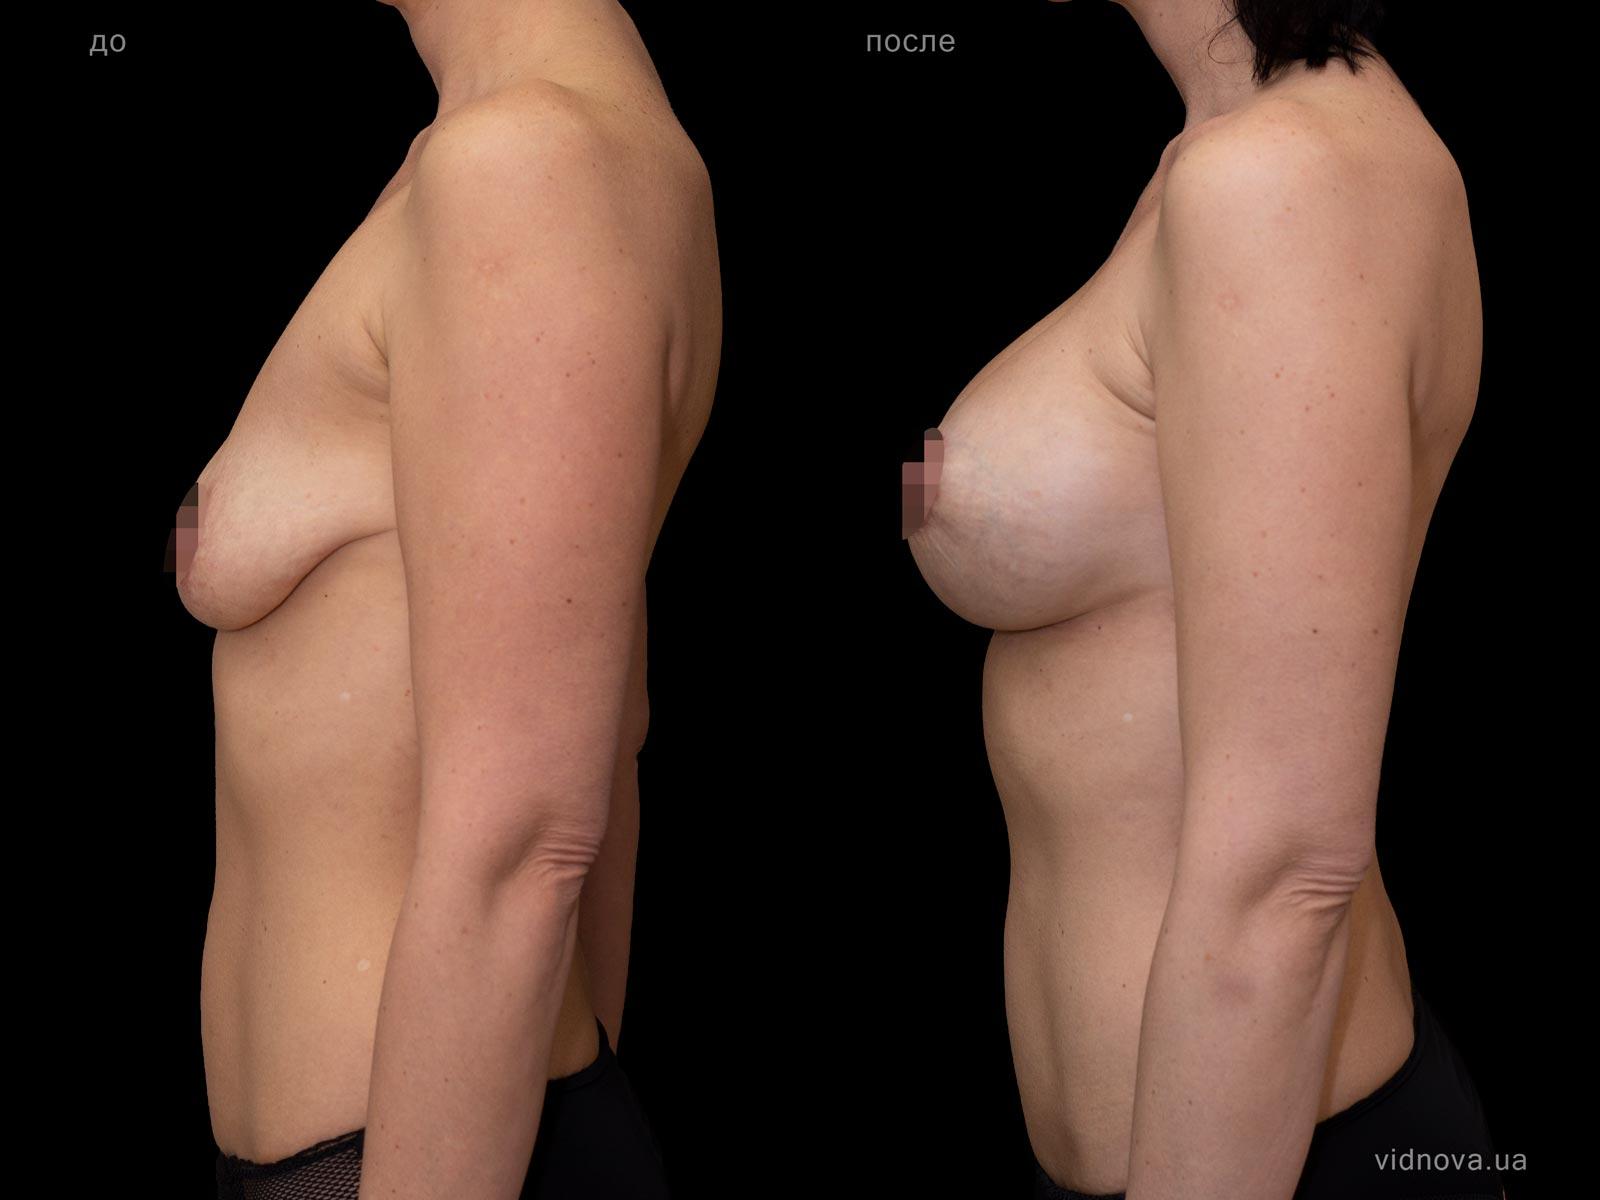 Пластика груди: результаты до и после - Пример №86-2 - Светлана Работенко